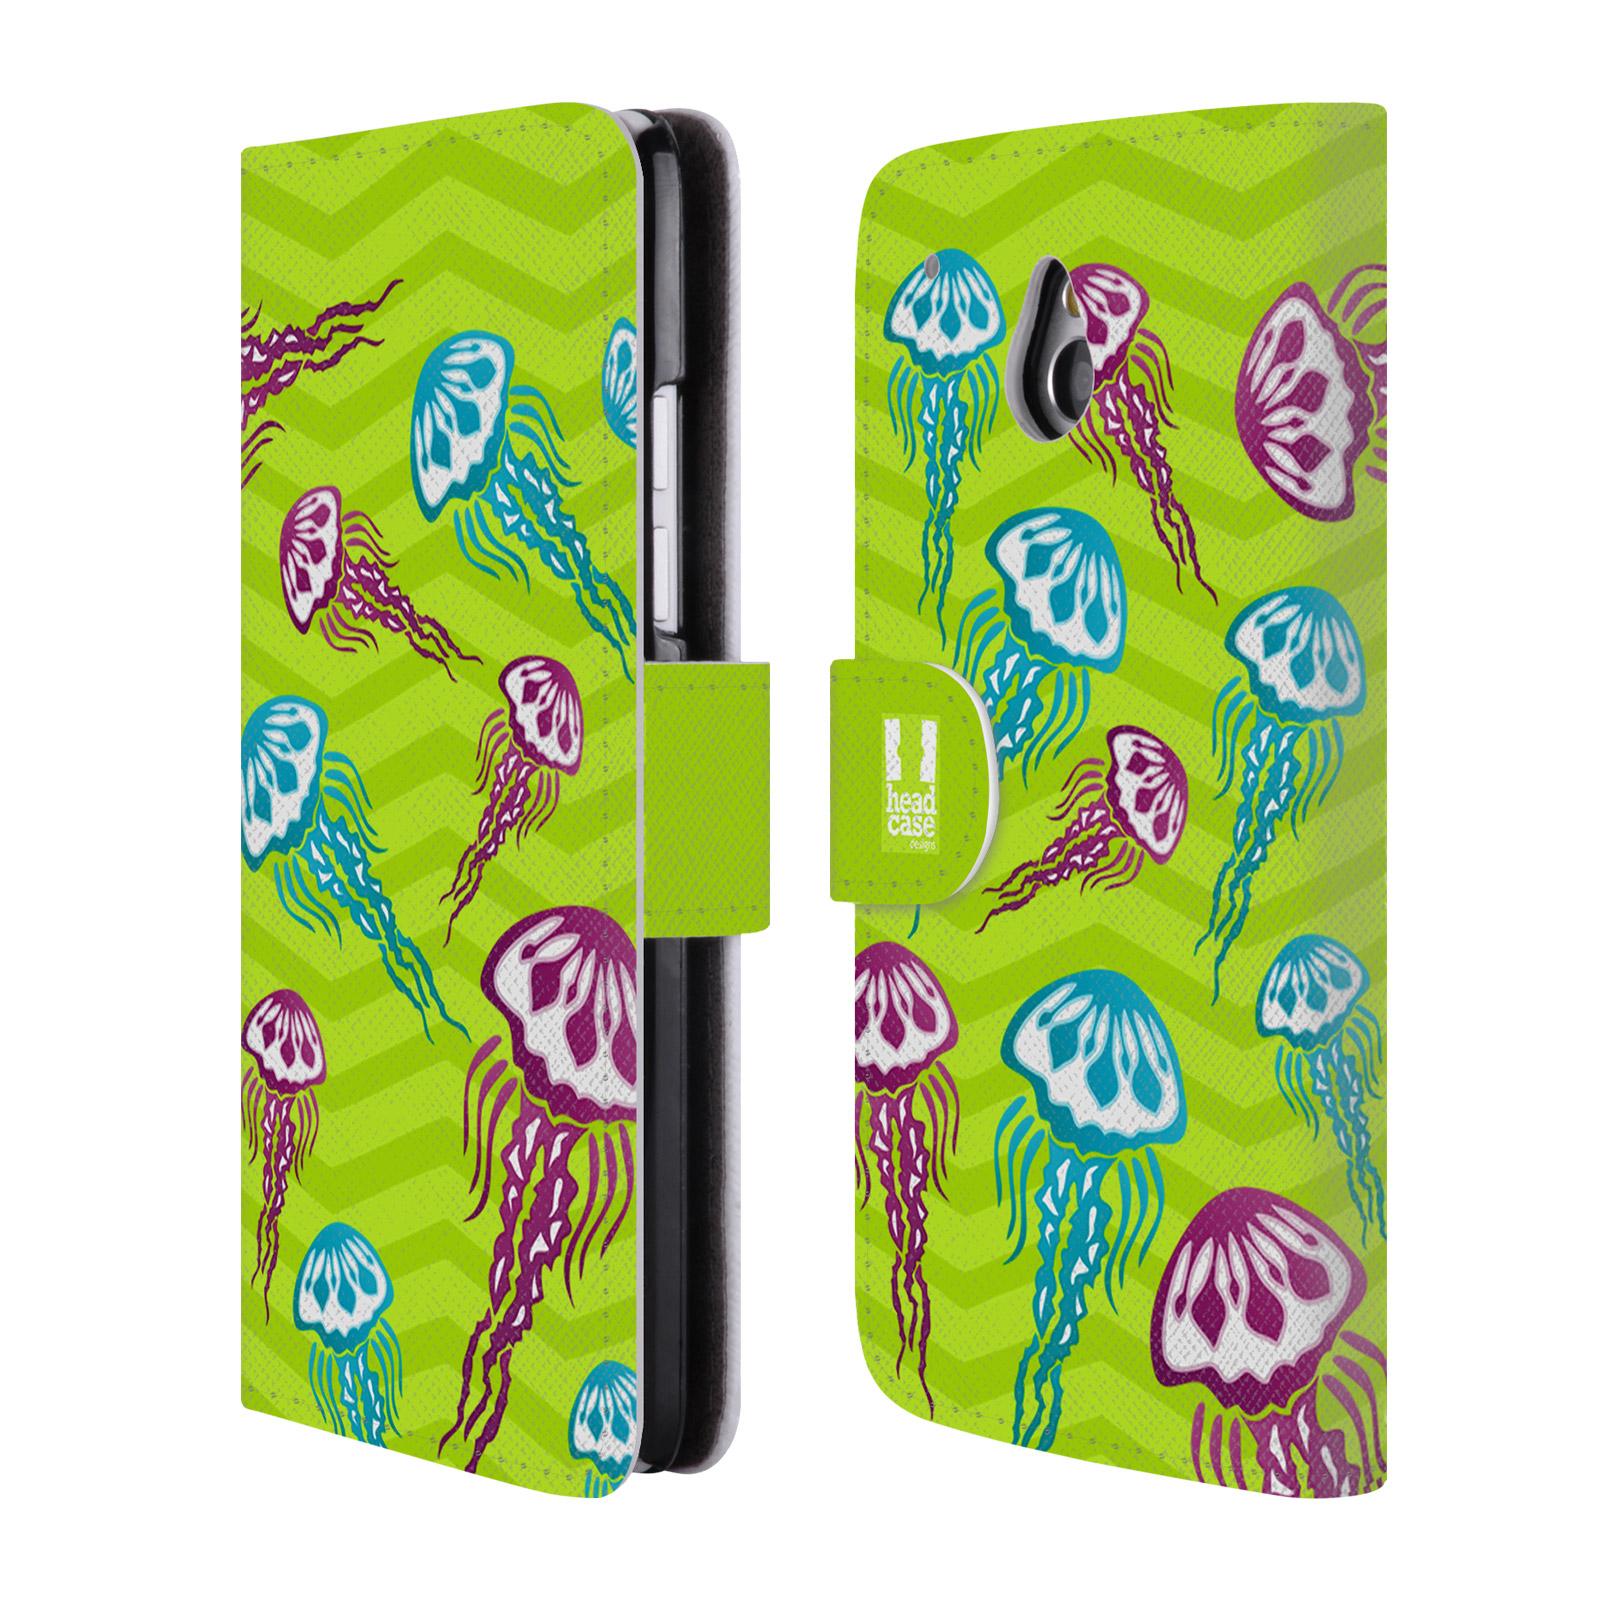 HEAD CASE Flipové pouzdro pro mobil HTC ONE MINI (M4) Mořský živočich medůza zelená barva